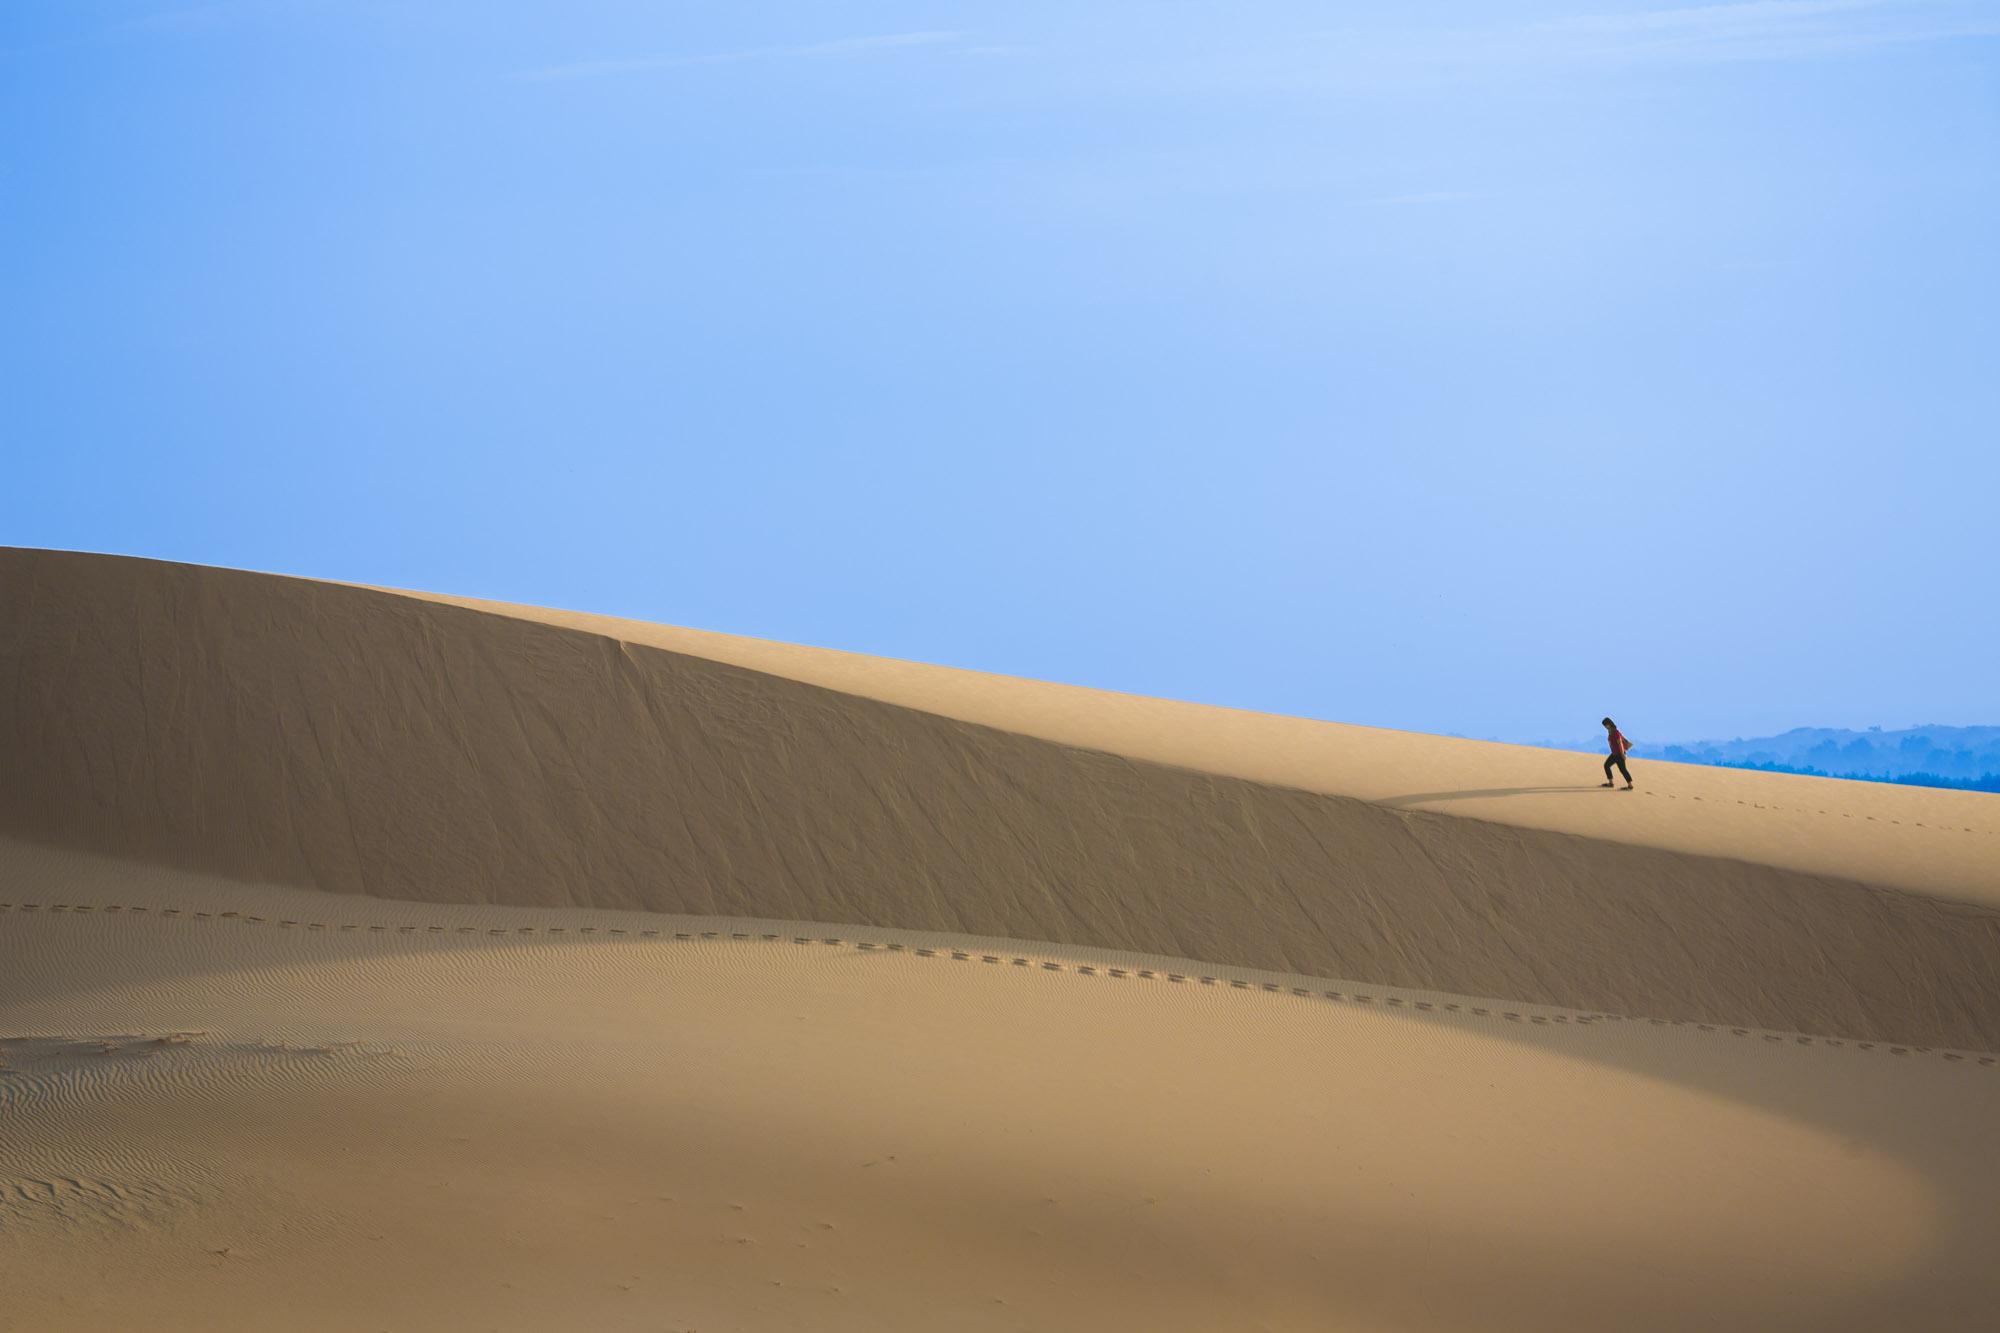 Dune Walker